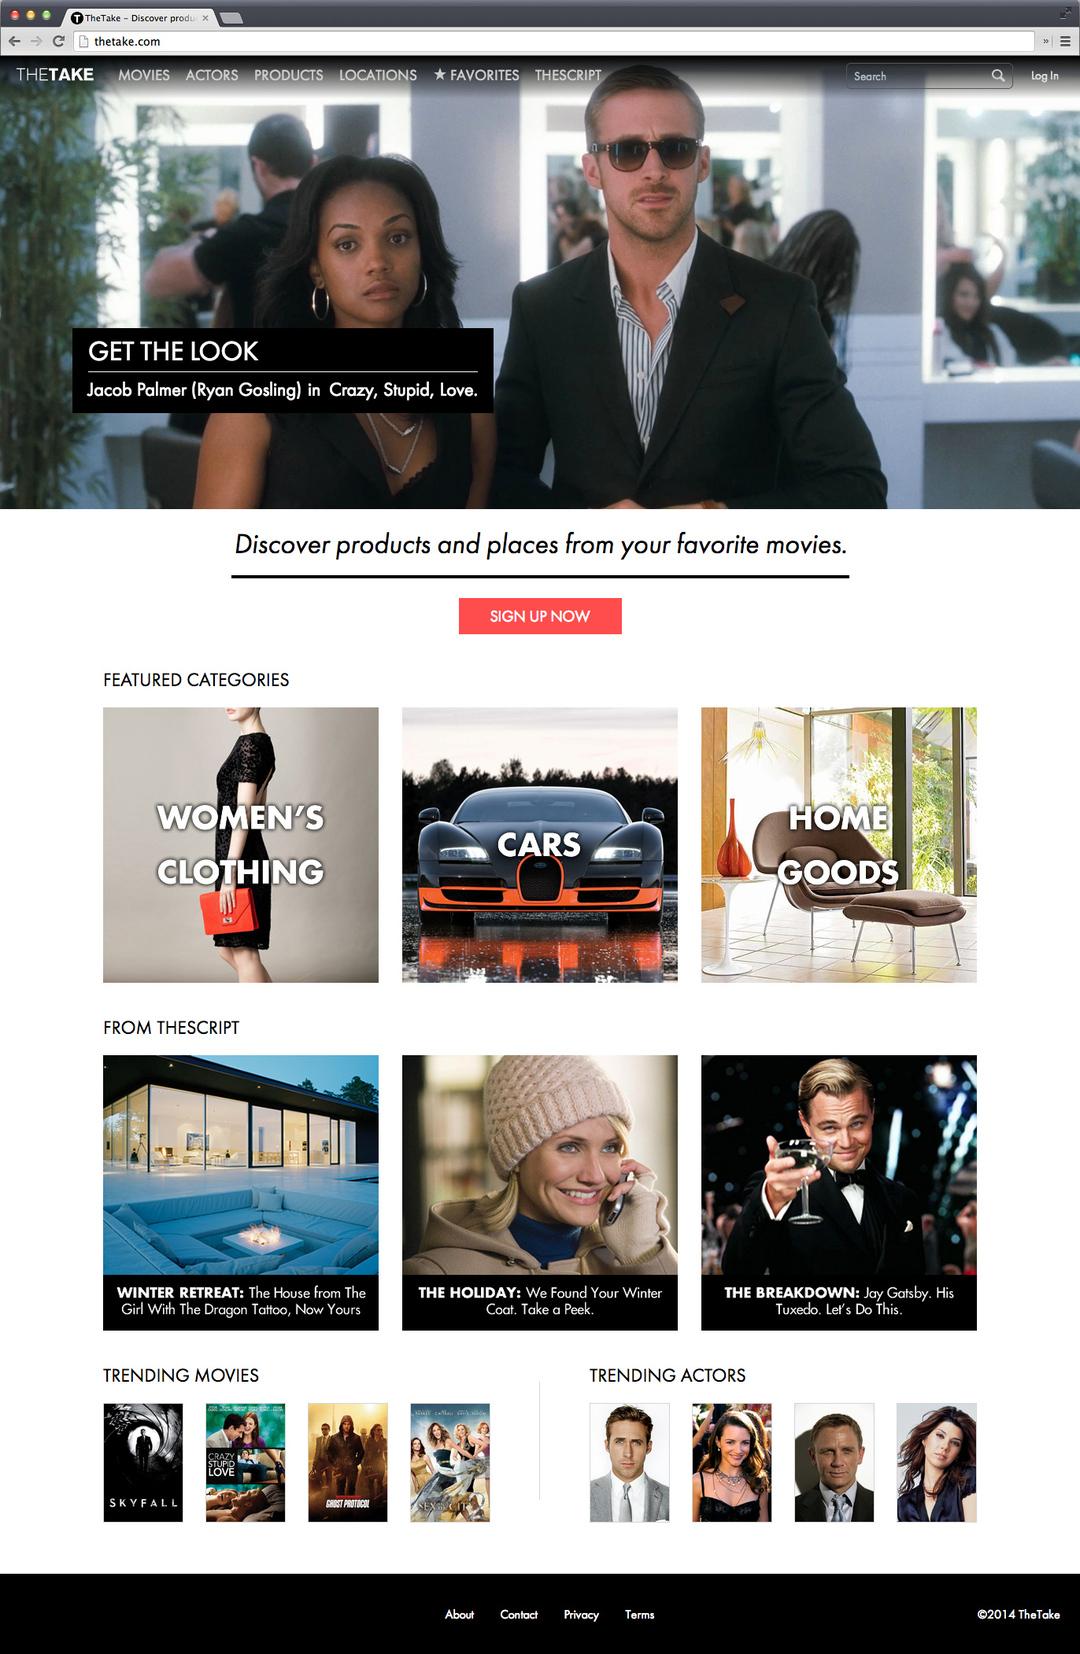 映画で見た衣装を実際に買える<br />米国のショッピングサイト「TheTake.com」